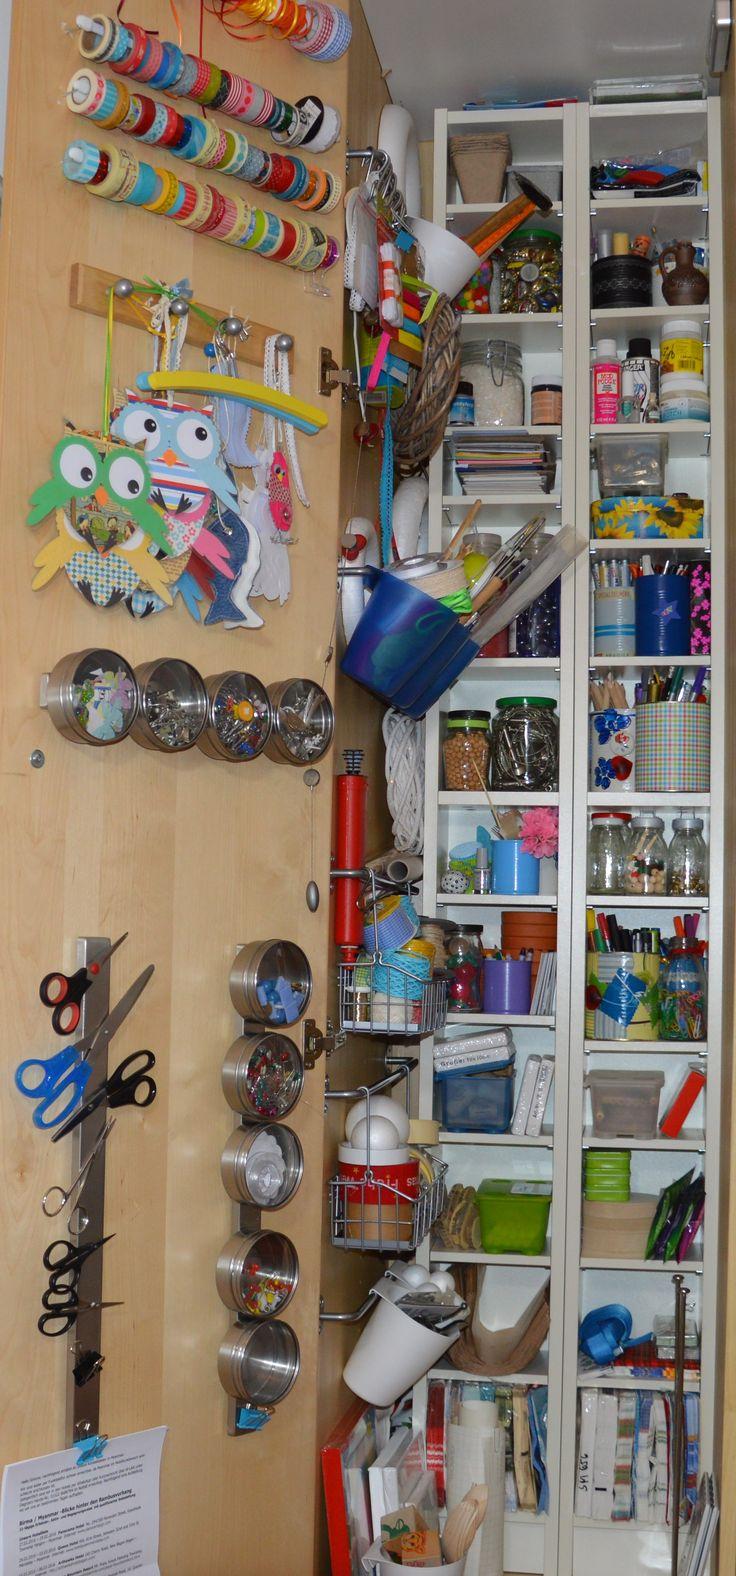 Ordnung im Bastelzimmer Ich habe es endlich geschafft, alle Bastelutensilien in einem Schrank unterzubringen. So aufgeräumt sah es bei mir schon lange nicht mehr aus. Dazu gehört ein geräumiger Pax-Schrank, zwei kleine CD-Regale, viele Aufbewahrungs-Utensilien von IKEA und ein paar Stunden Arbeit, dafür ist das Ergebnis großartig. http://inesfelix-kreativ.blogspot.com/2016/02/ordnung-im-bastelzimmer.html